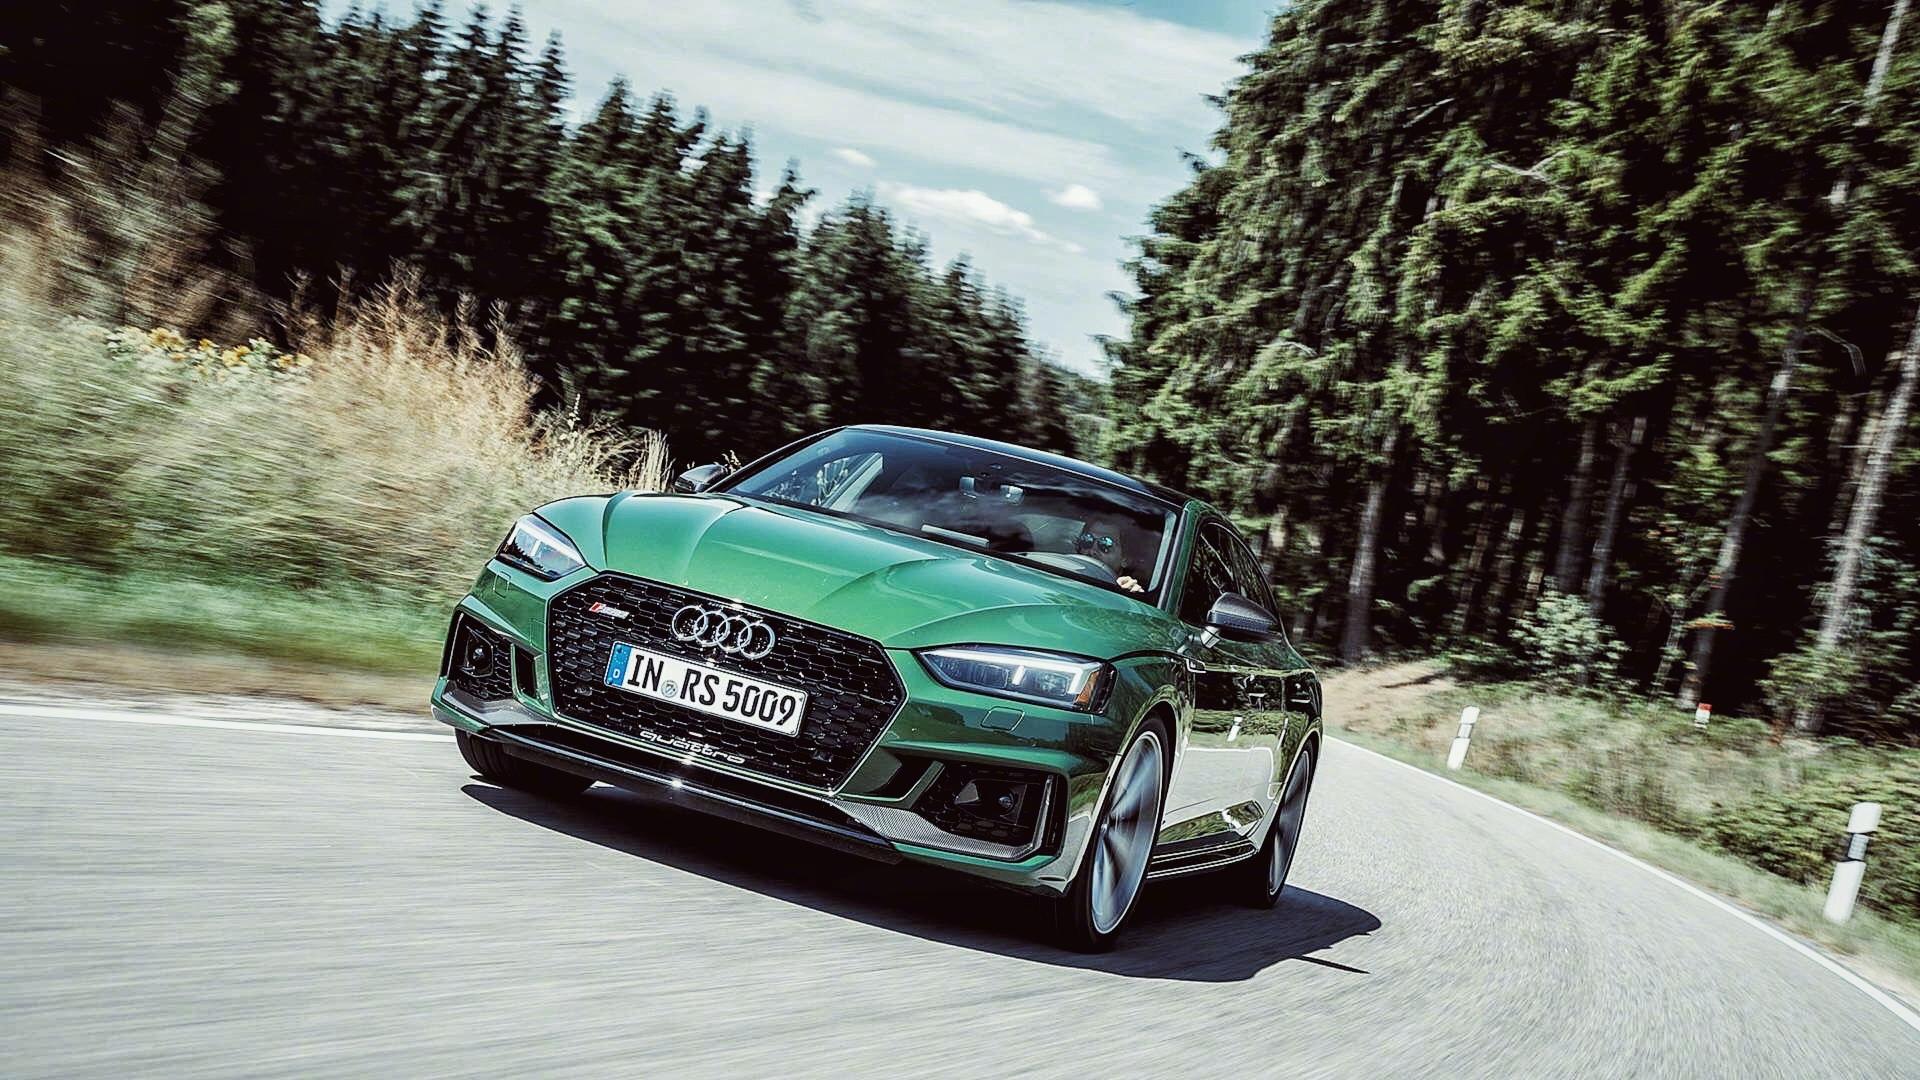 奥迪RS5的一抹绿